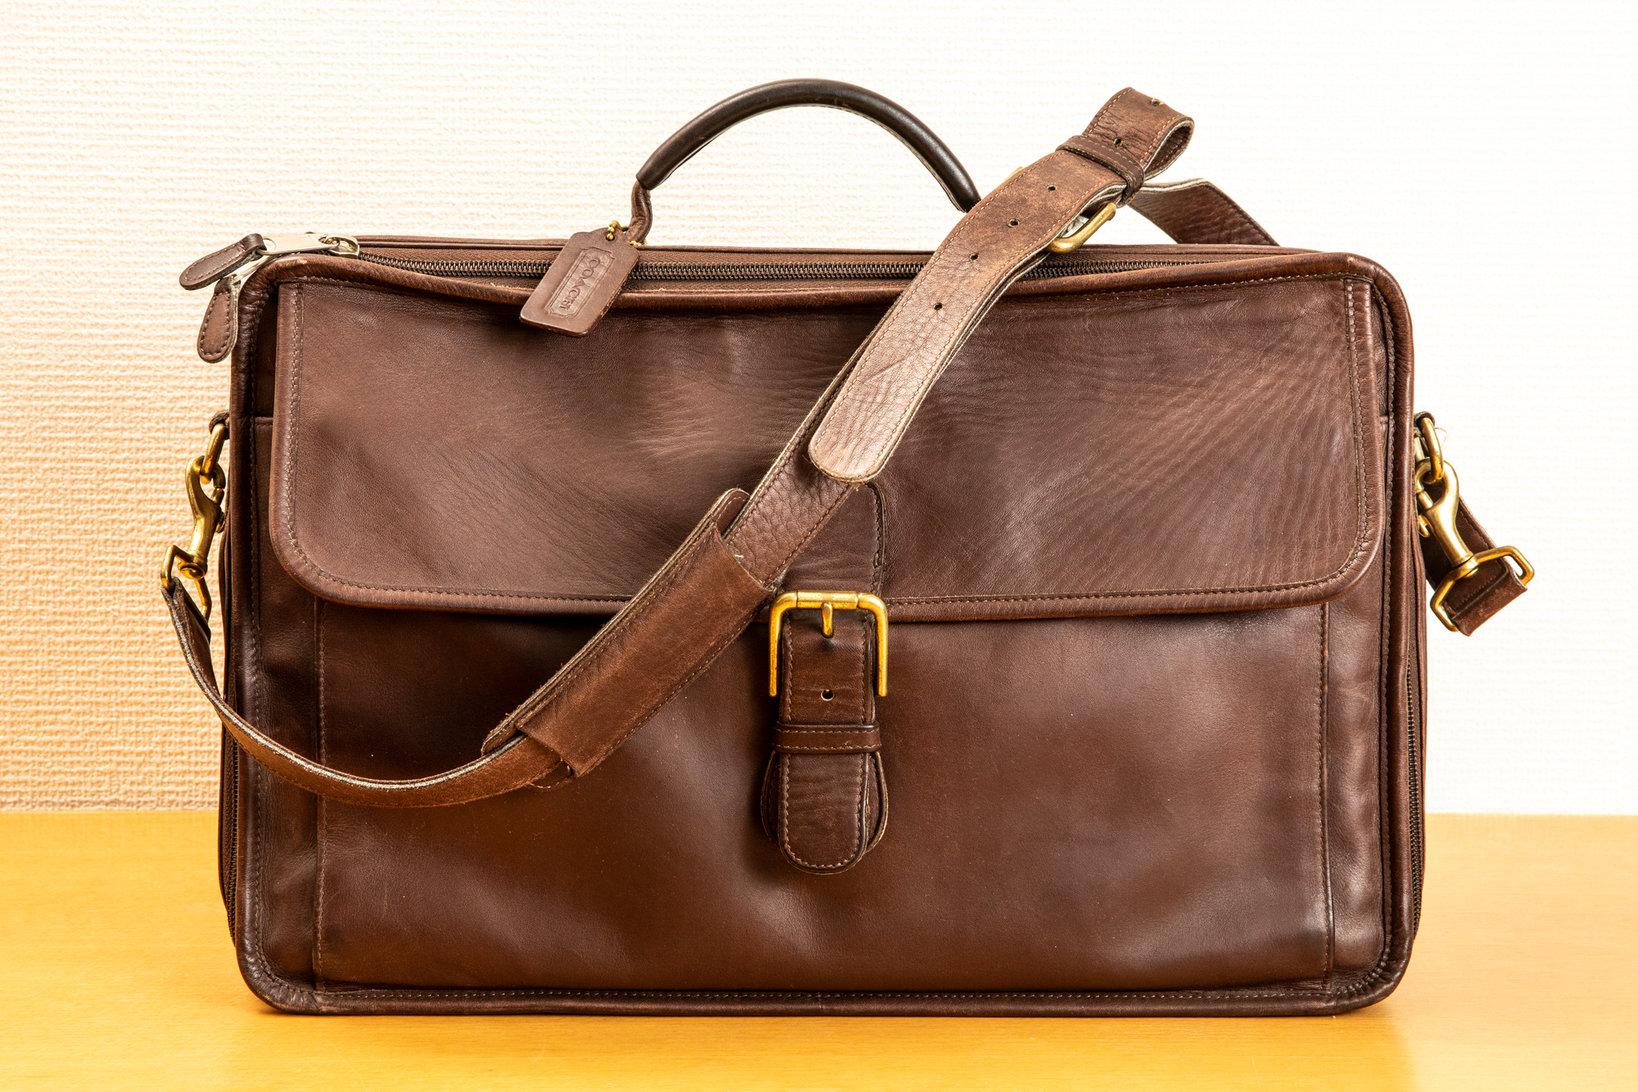 コーチの鞄。「重いんですけど、容量が大きいので書類を運ぶのに重宝しました」と成松。